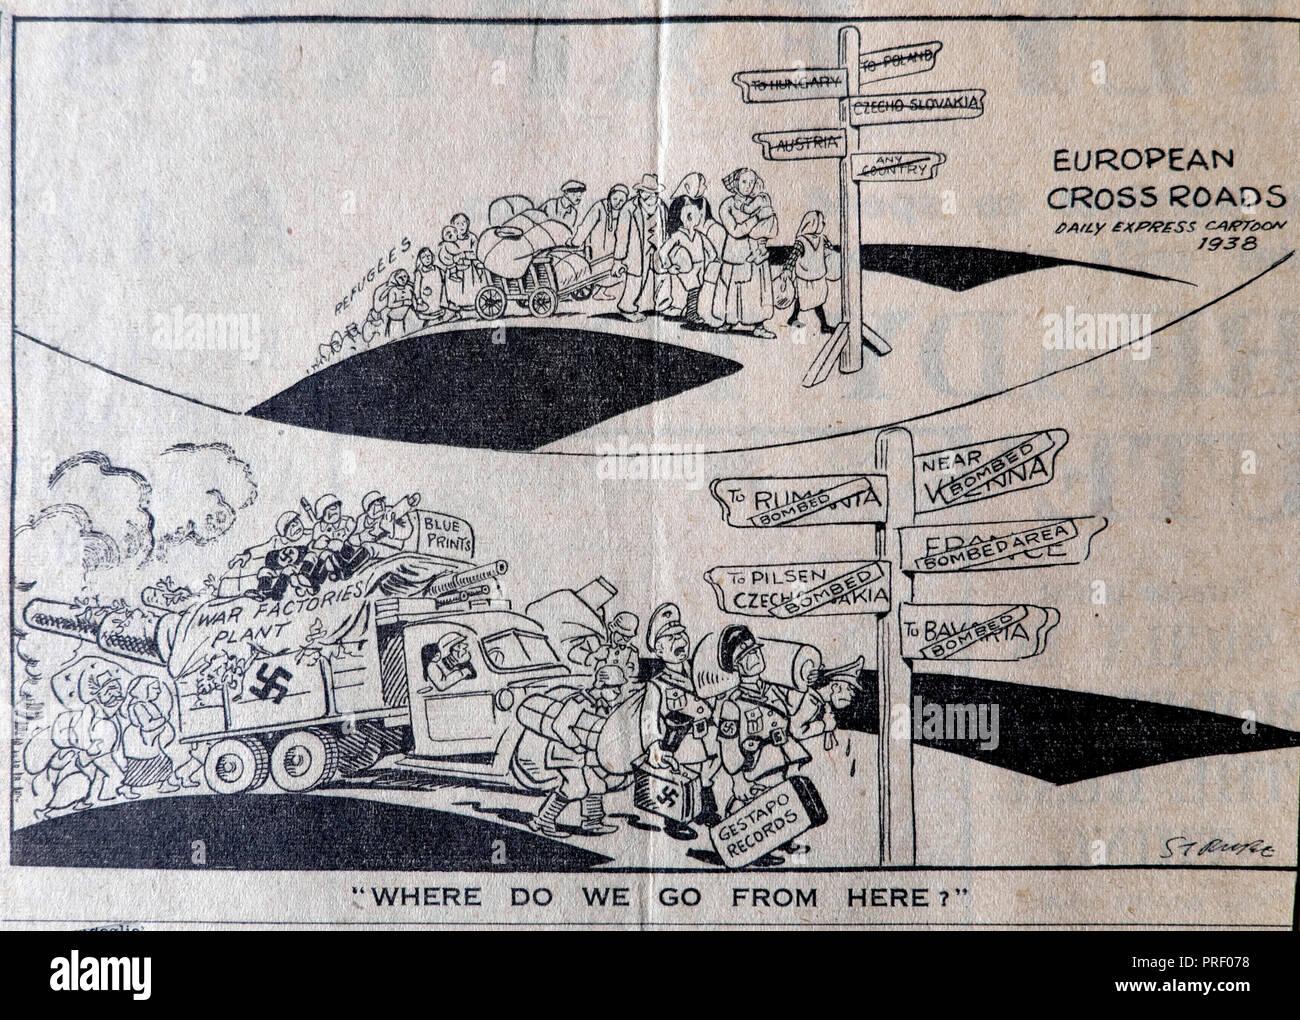 """WWII Daily Express Cartoon 1938 """"Europäische Kreuzung 'Warteschlange des Zweiten Weltkrieges Flüchtlinge und nationalsozialistischen Kriegsmaschinerie London UK Historische Archiv Stockbild"""